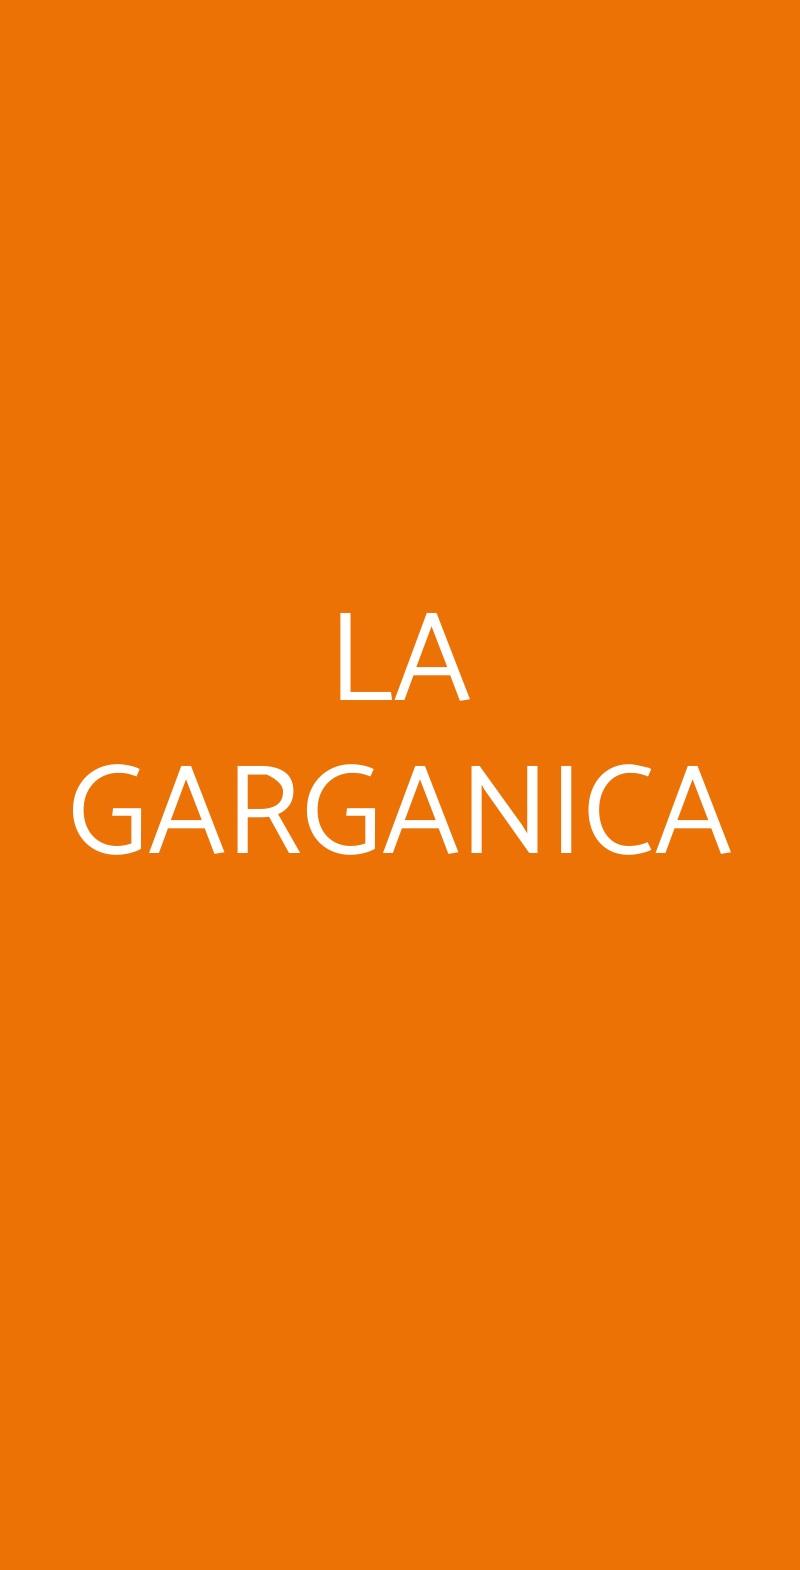 LA GARGANICA Bologna menù 1 pagina